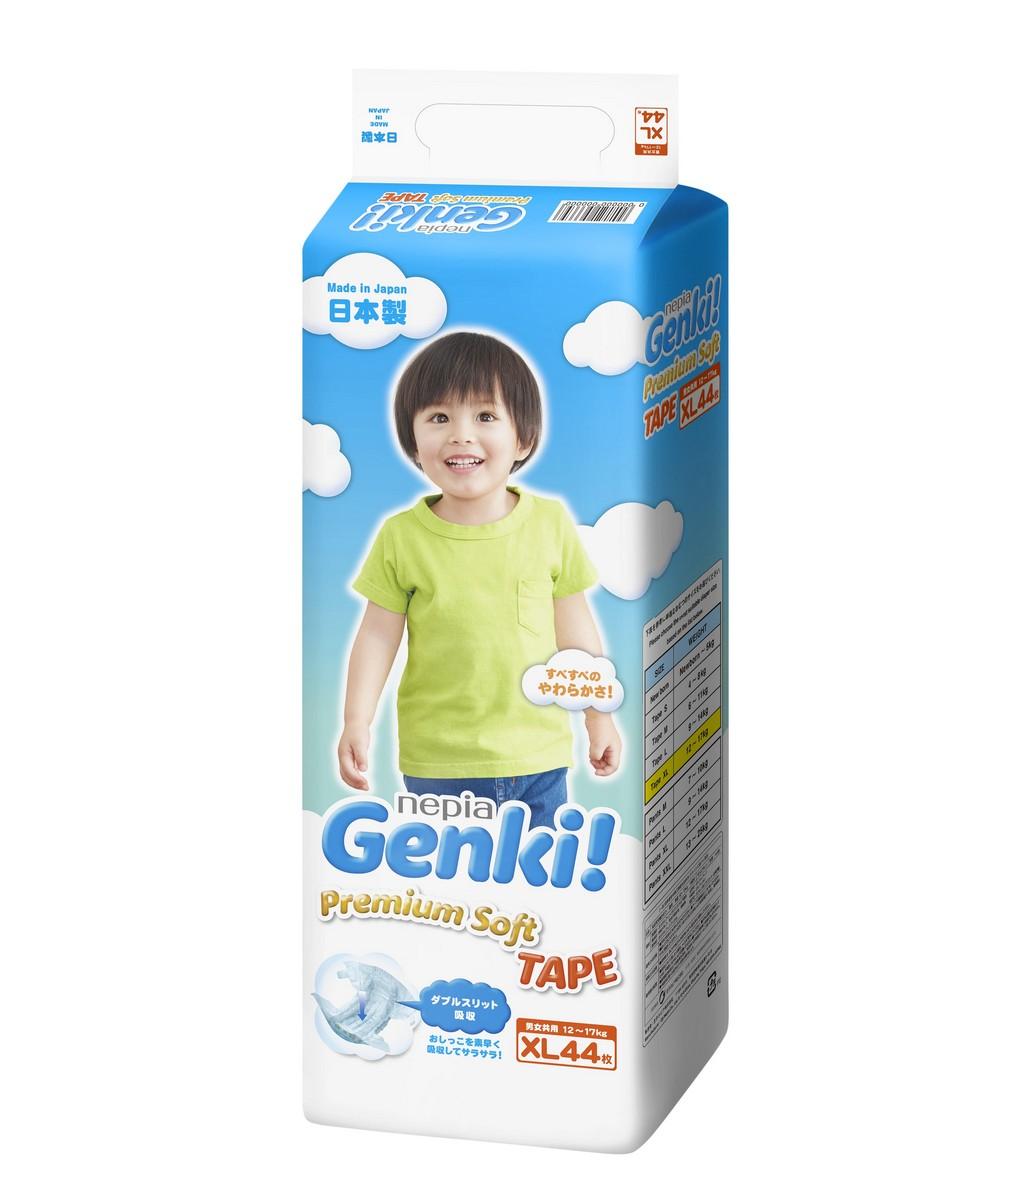 Tã dán cao cấp Genki (XL, 44 miếng)